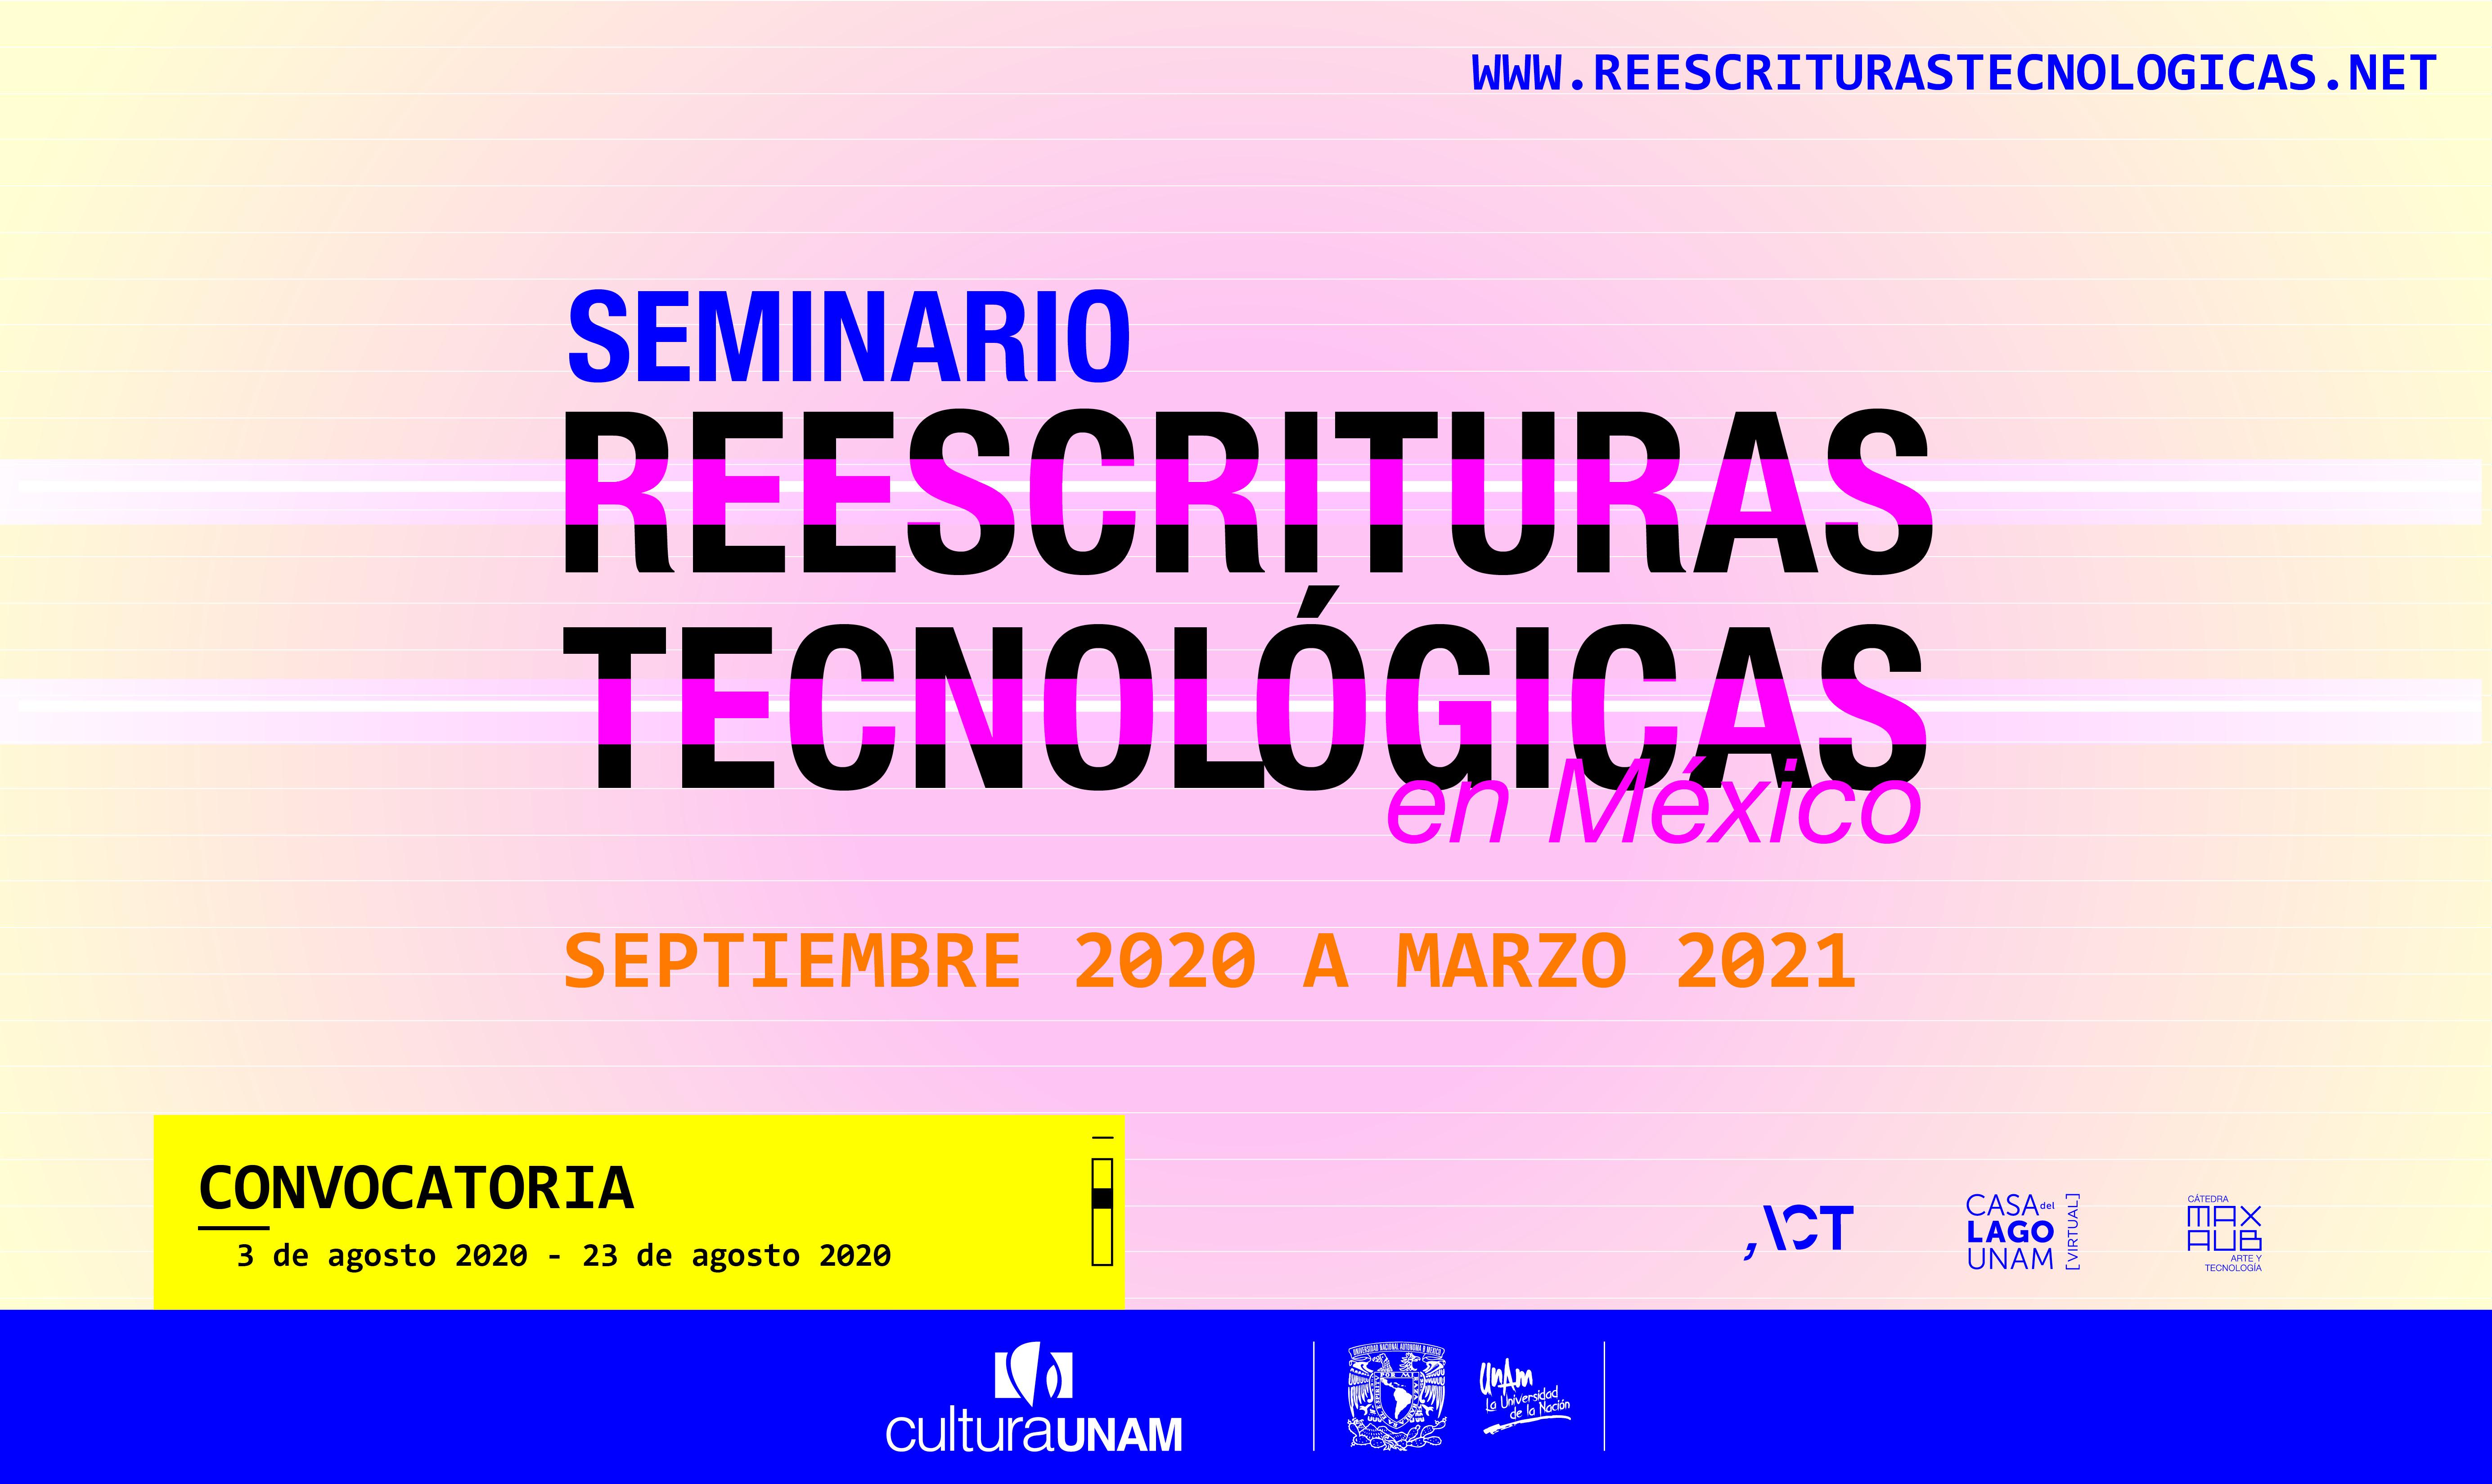 Convocatoria: Seminario Reescrituras tecnológicas en México